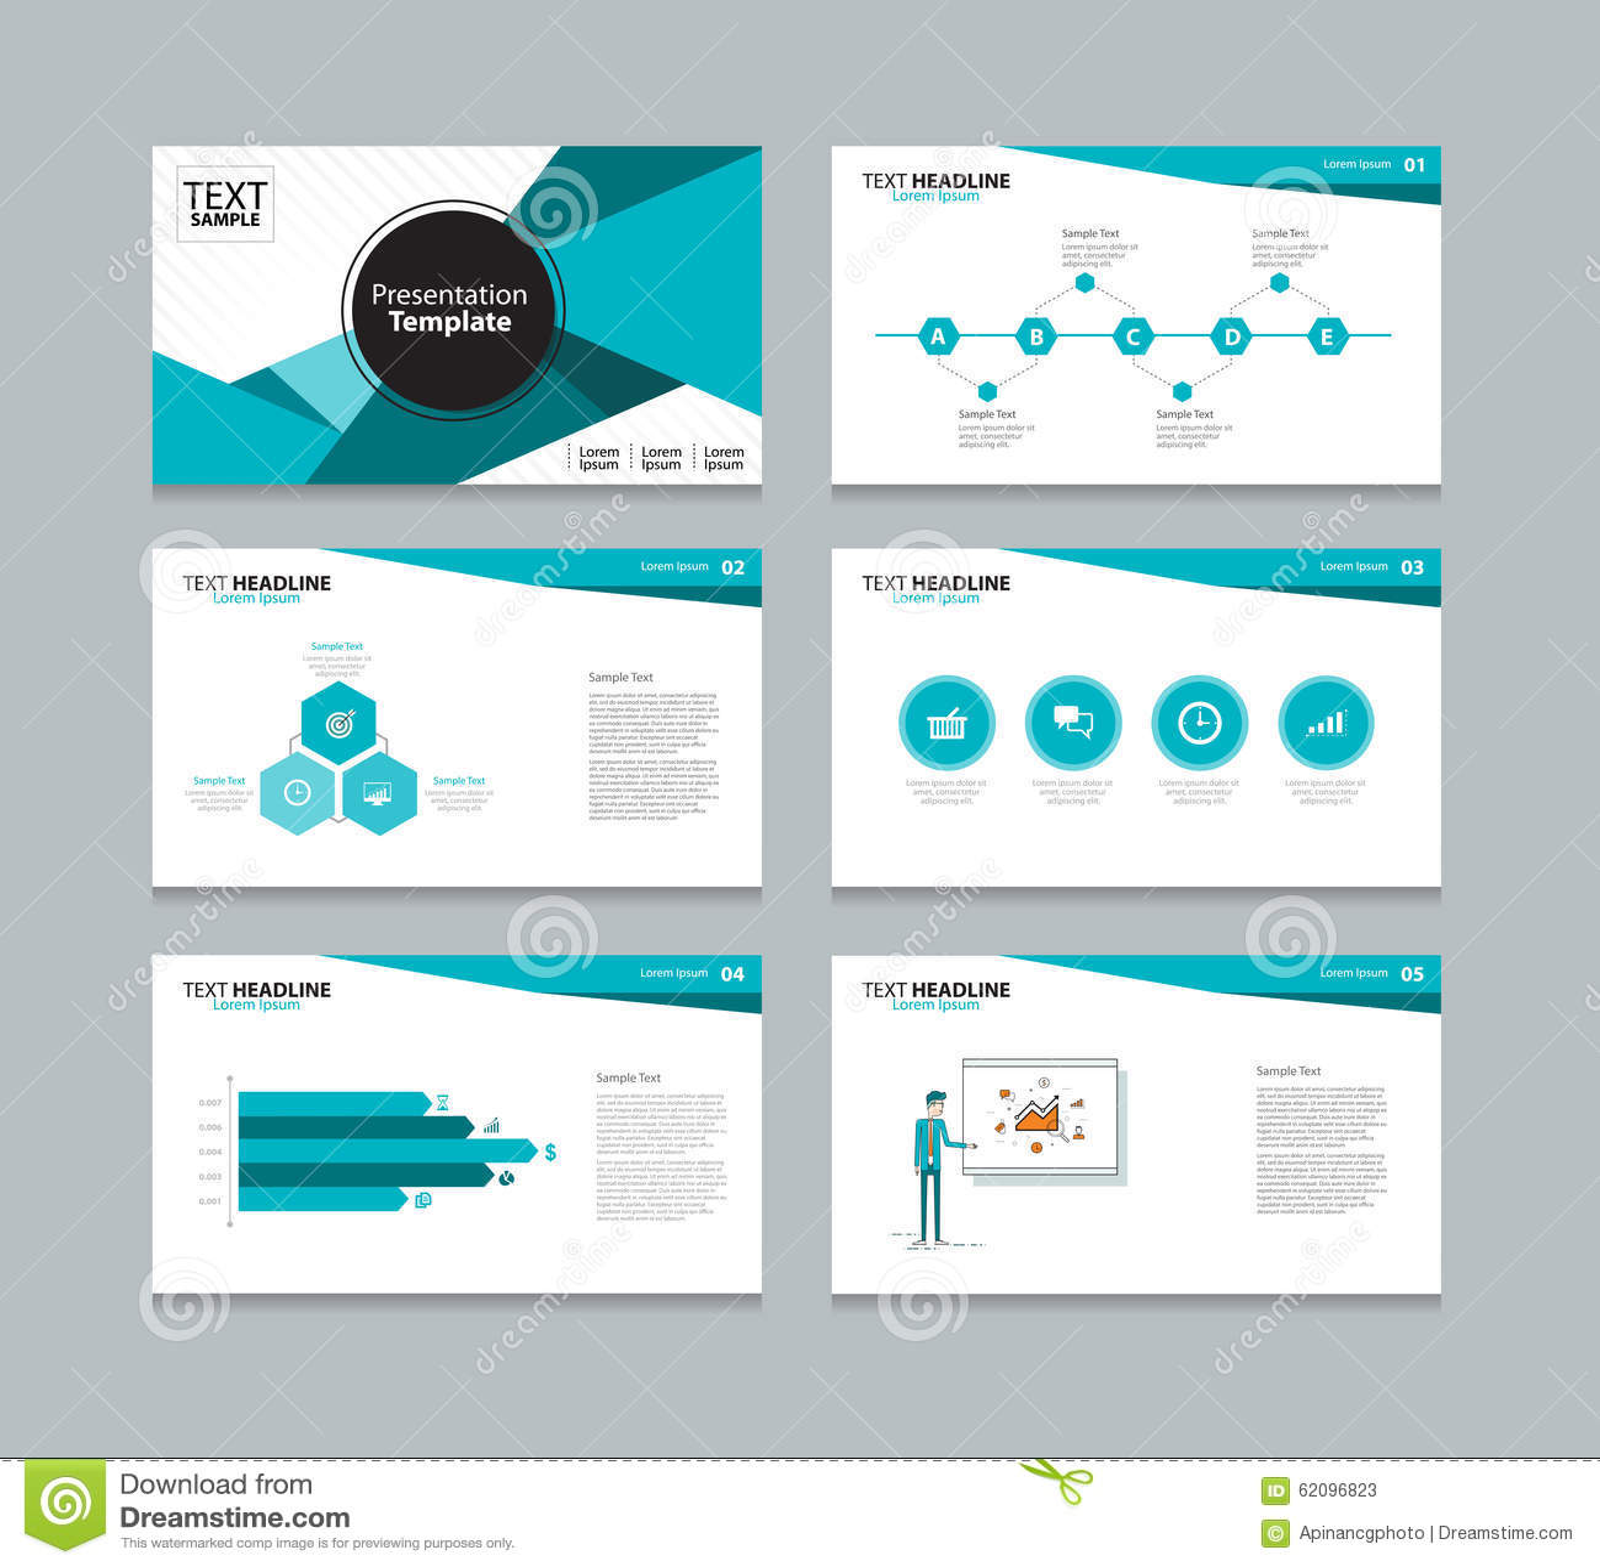 slides presentation design selo l ink co